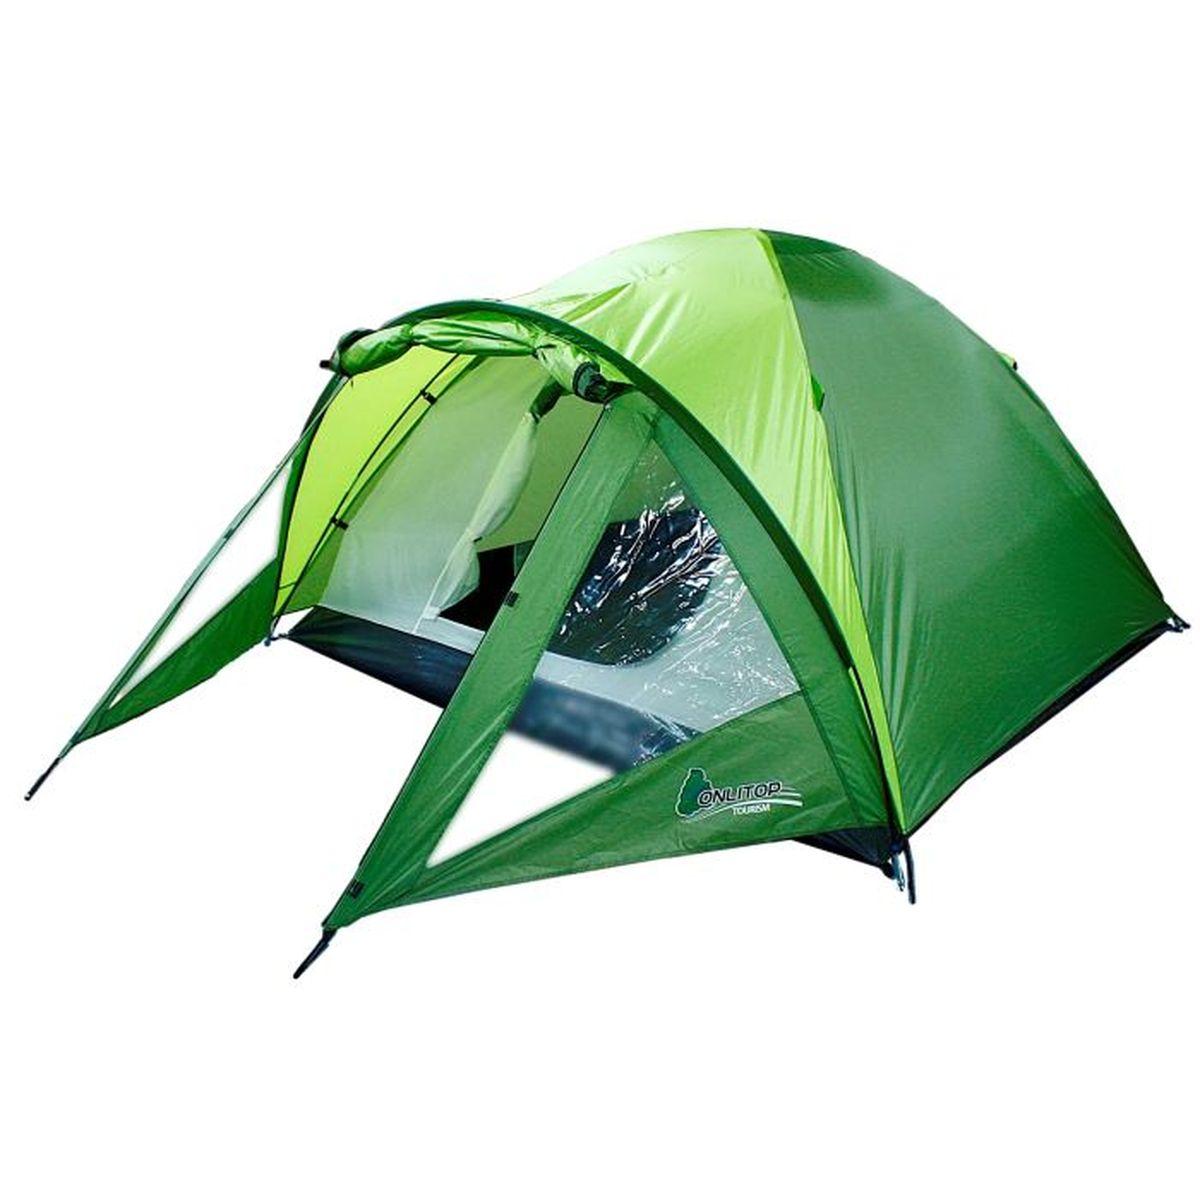 Палатка туристическая Onlitop Trekker, 3-местная, цвет: зеленый палатка onlitop 1225551 white blue